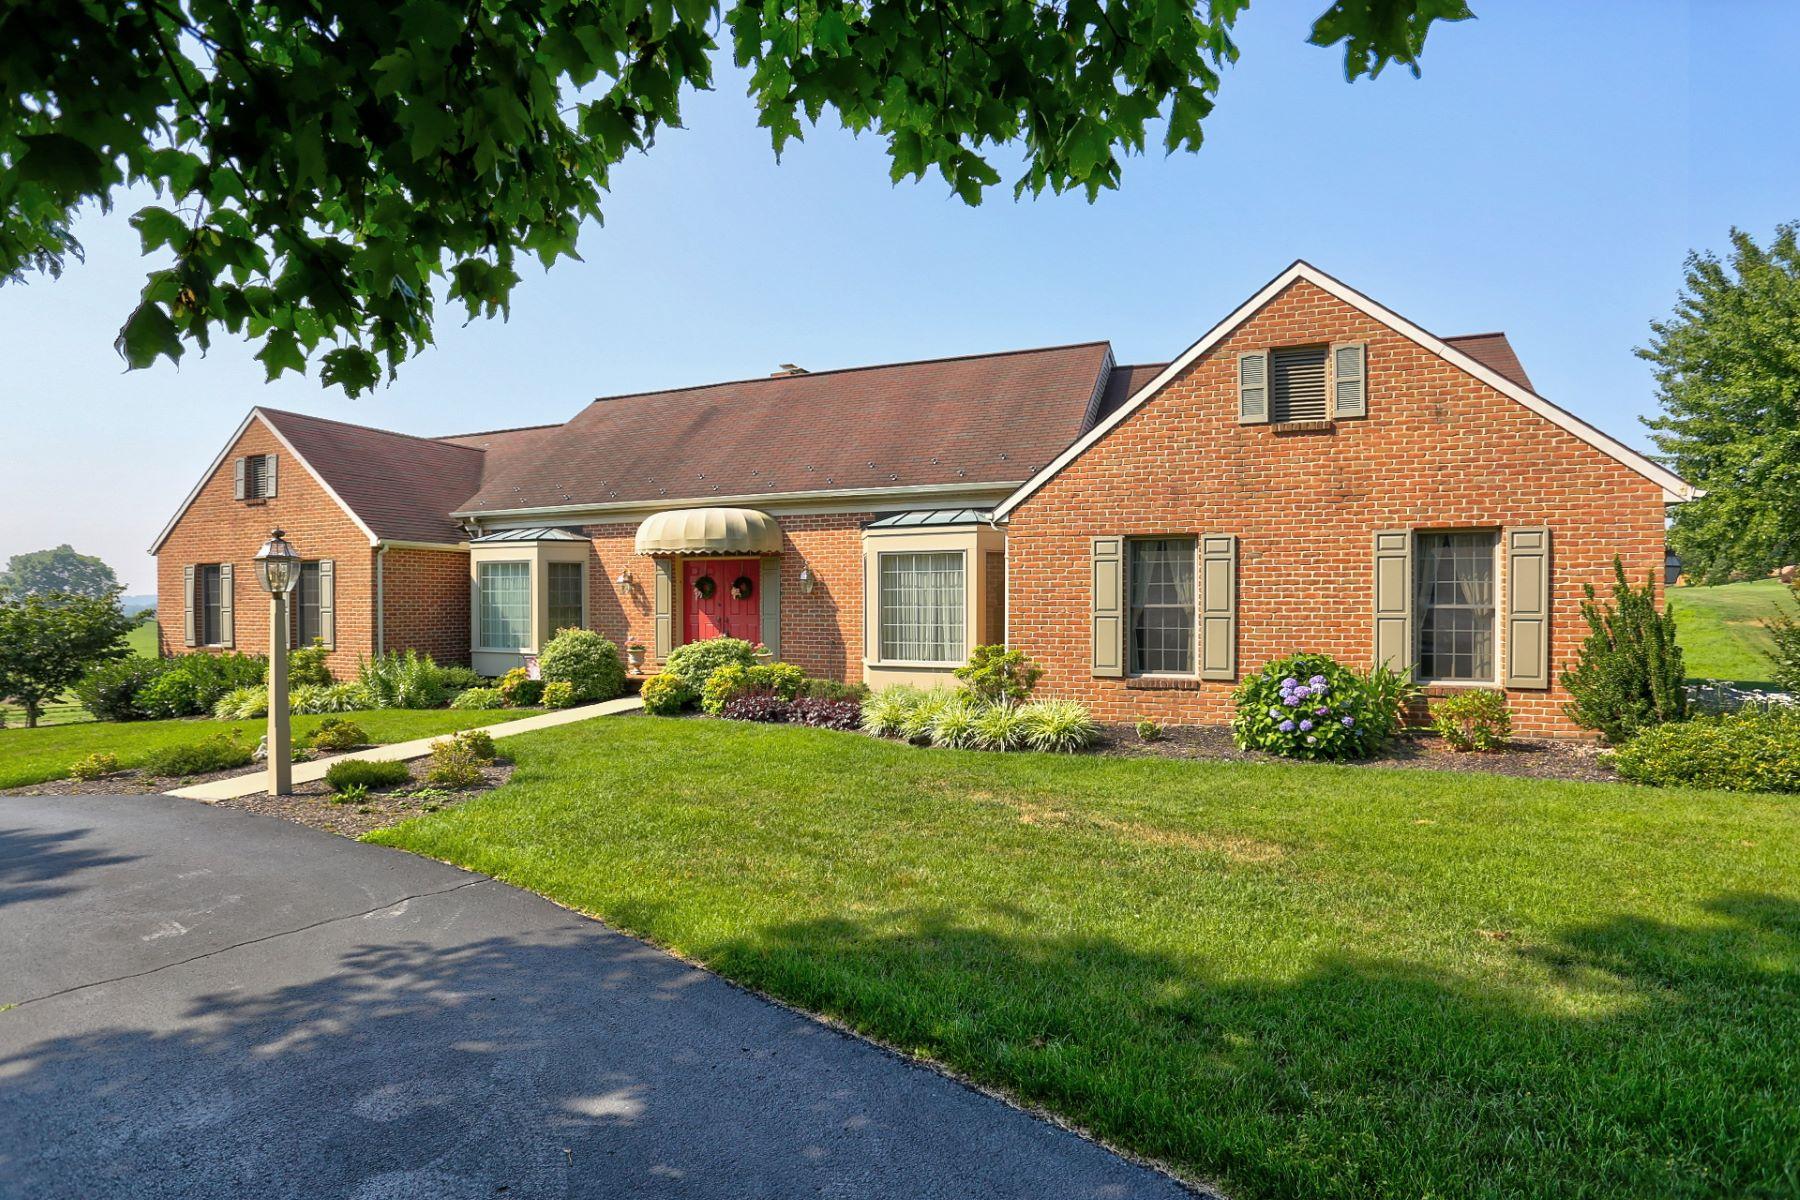 獨棟家庭住宅 為 出售 在 398 West Woods Drive Lititz, 賓夕法尼亞州 17543 美國